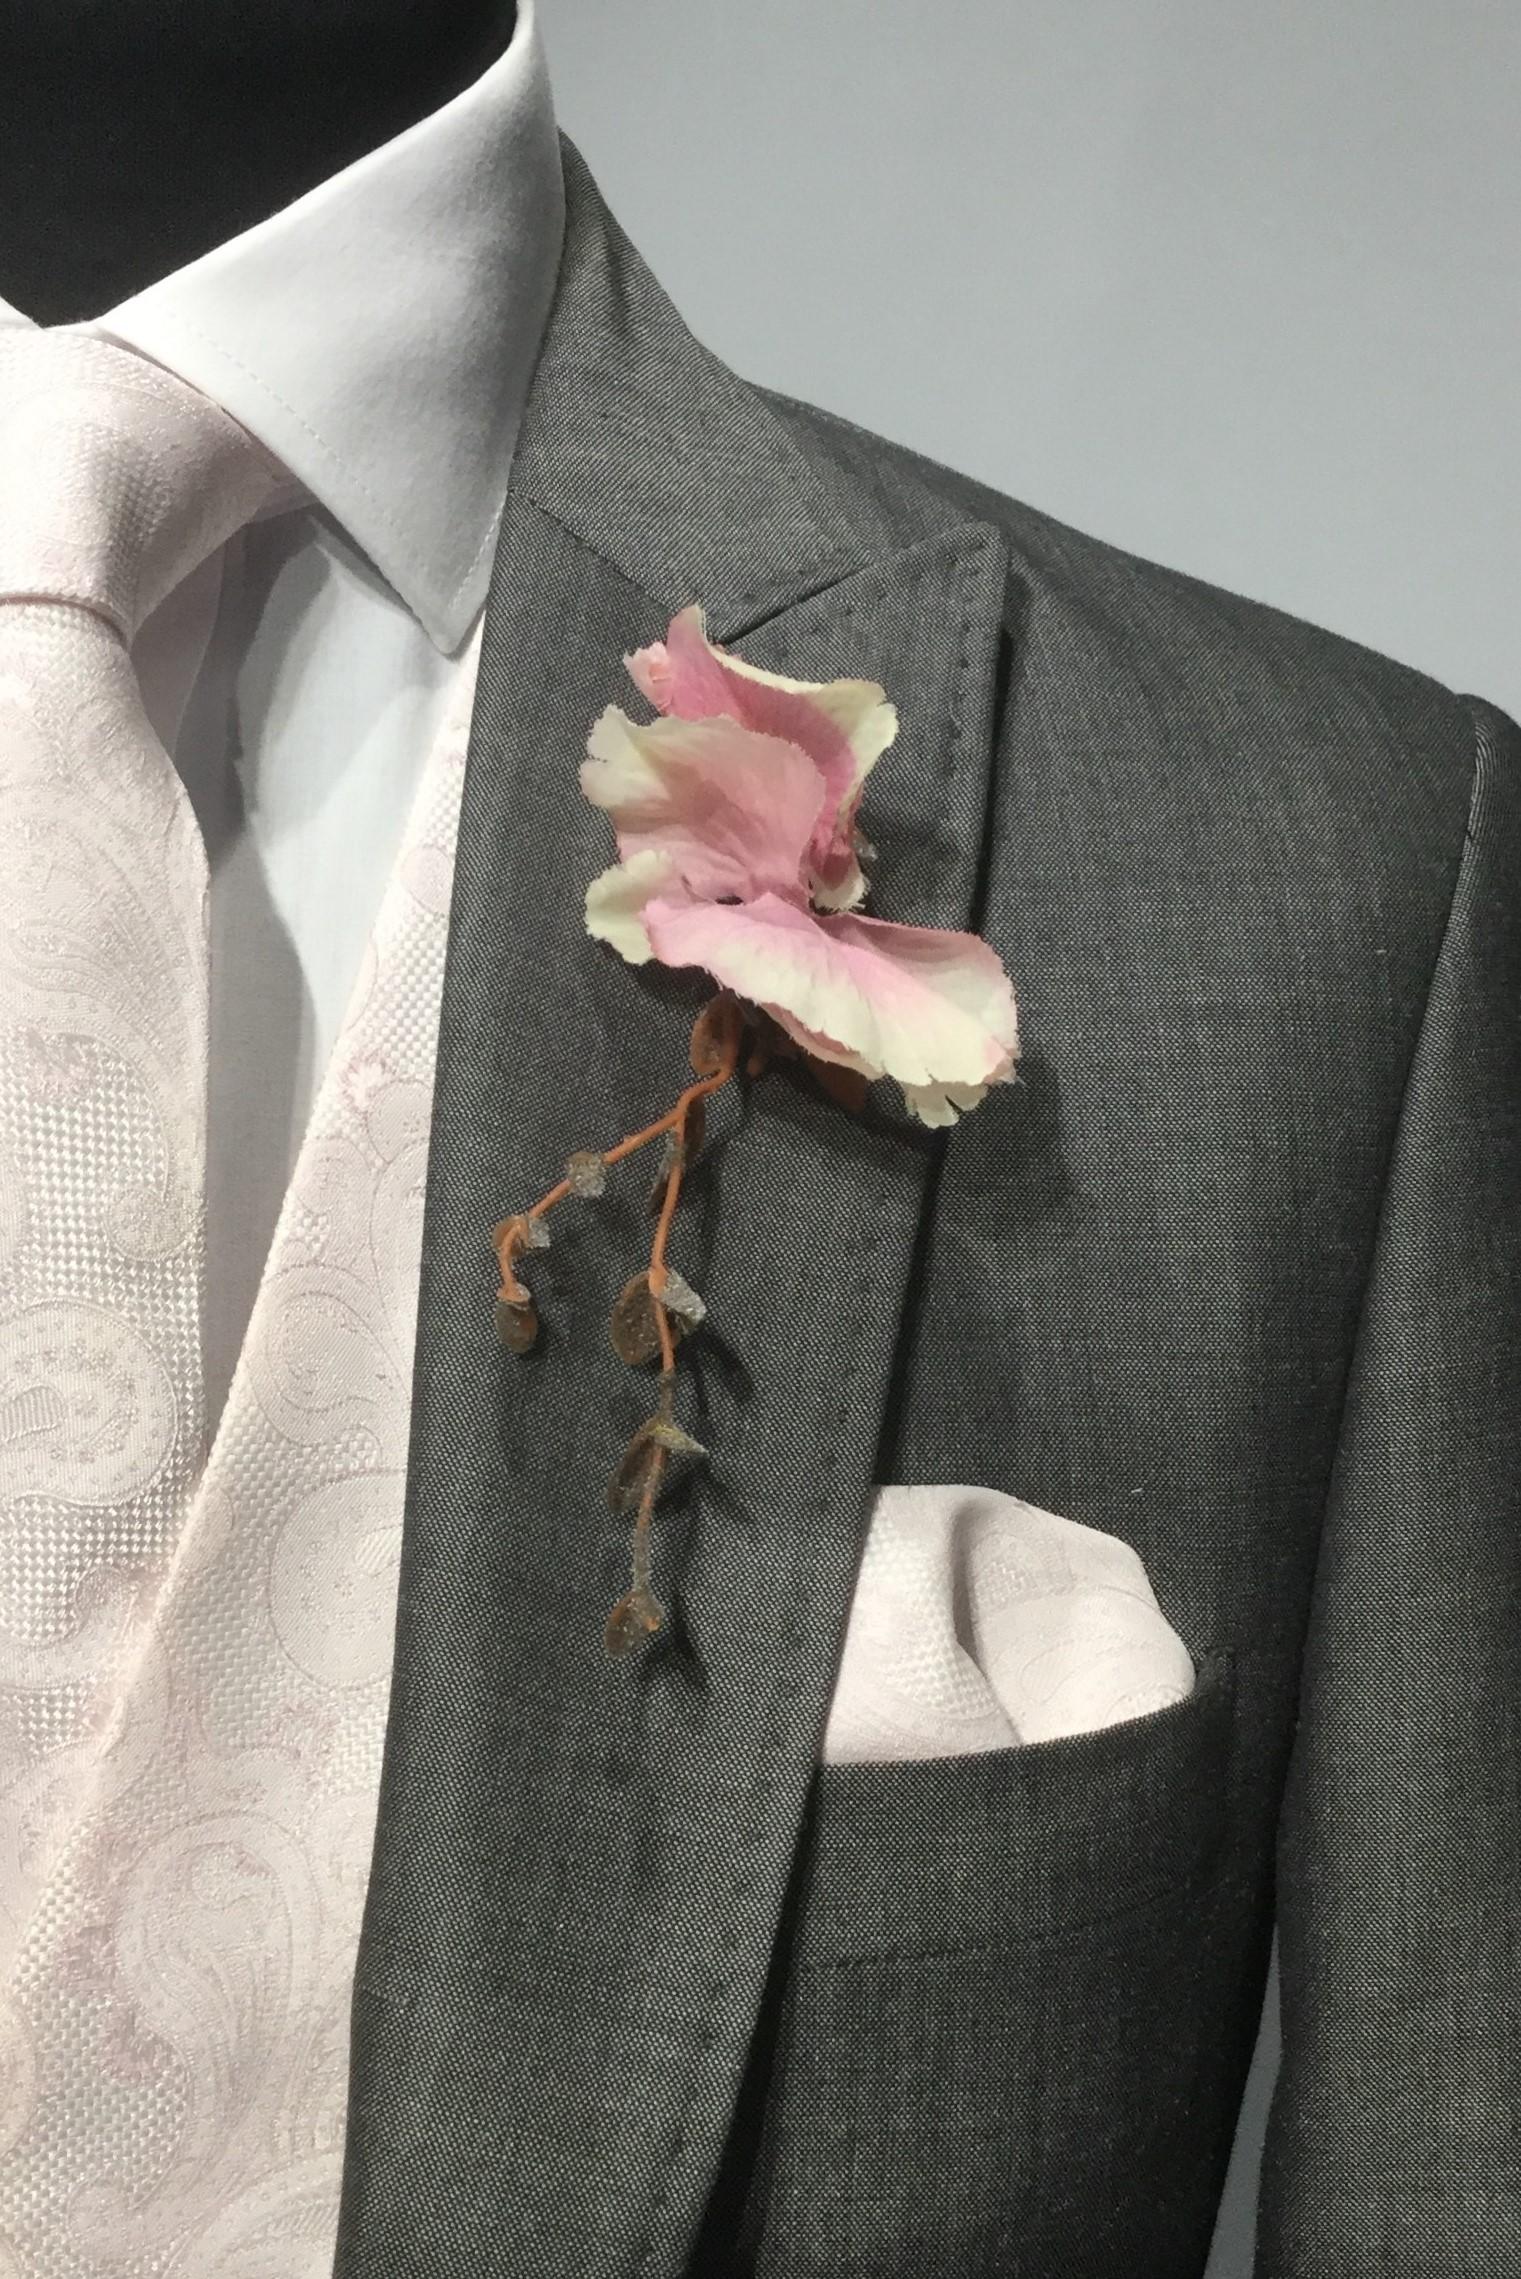 Silver Grey Mens Wedding Hire Suit with floral tie by Black Tie Menswear, Berkshire